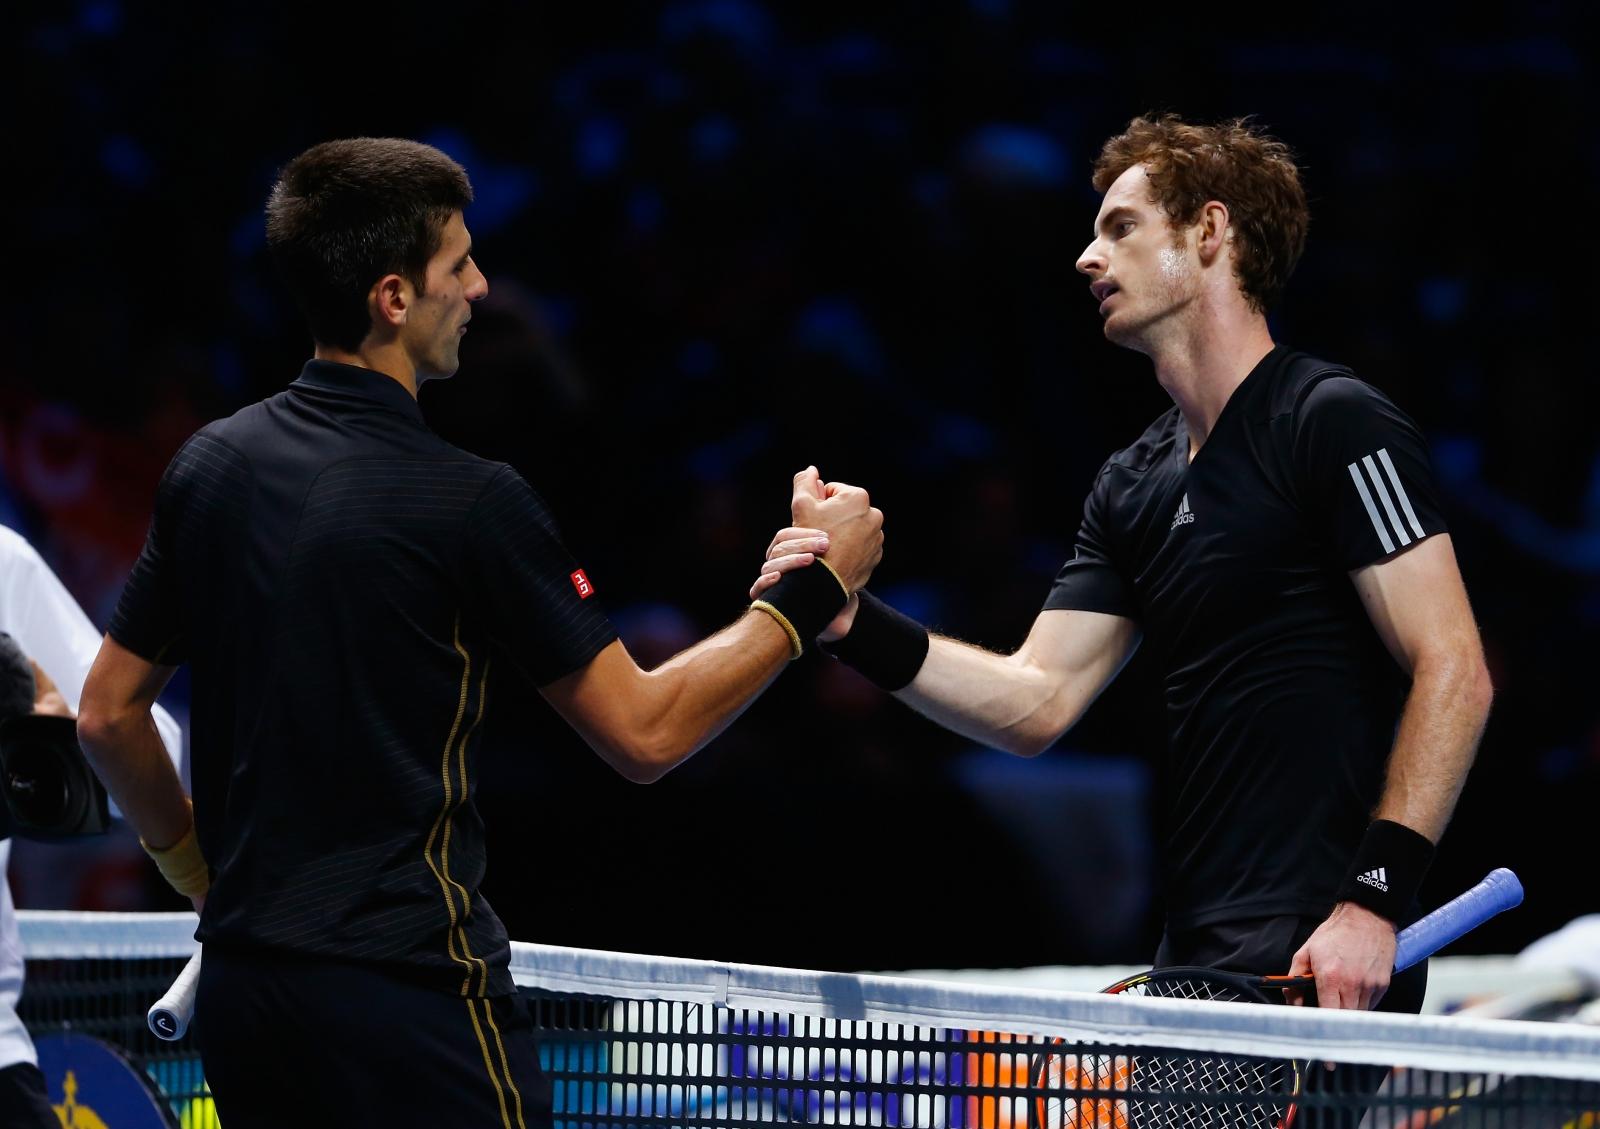 Novak Djokovic v Andy Murray